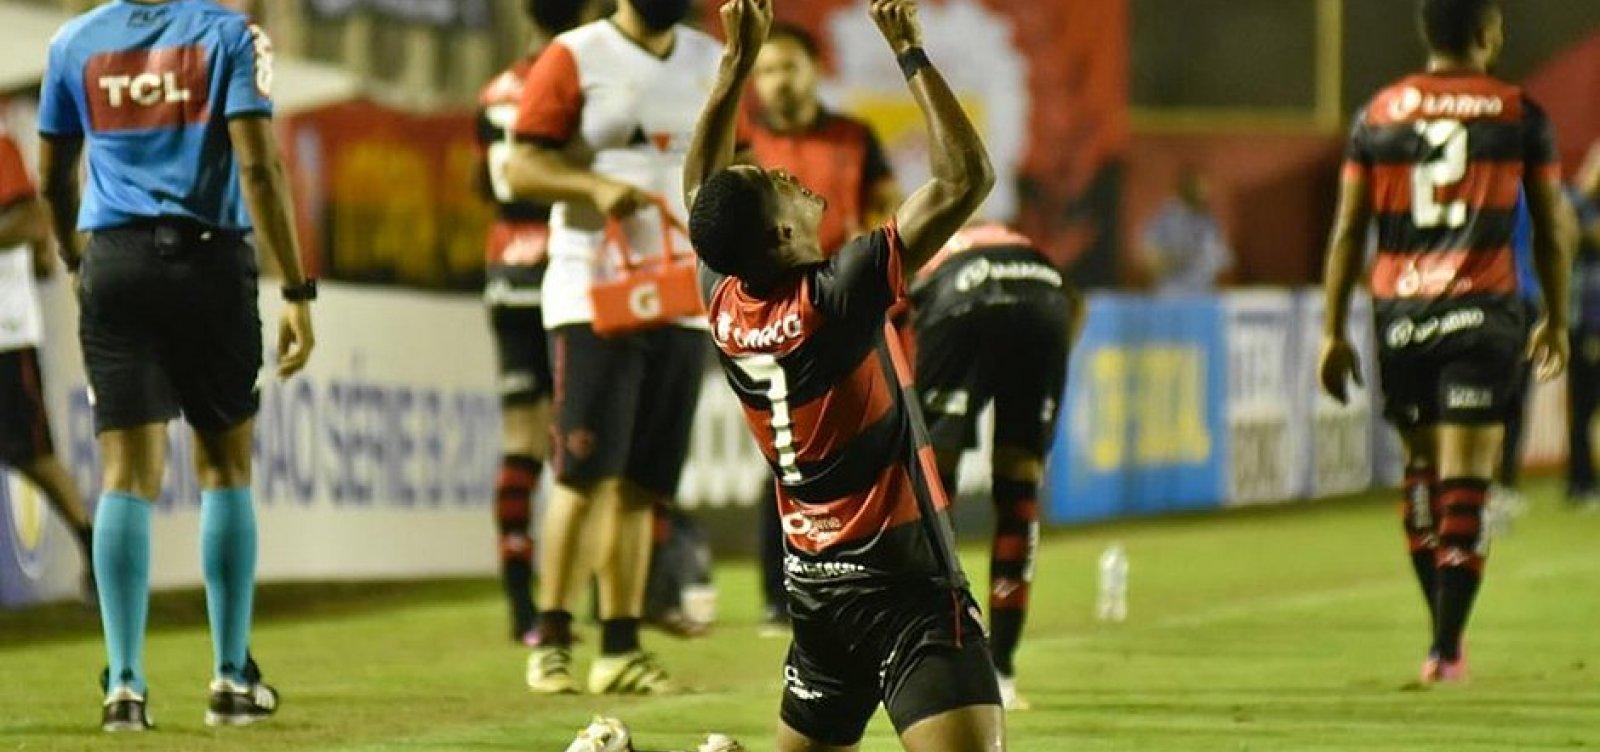 Vitória vira o jogo contra o Brusque e conquista o primeiro triunfo na Série B